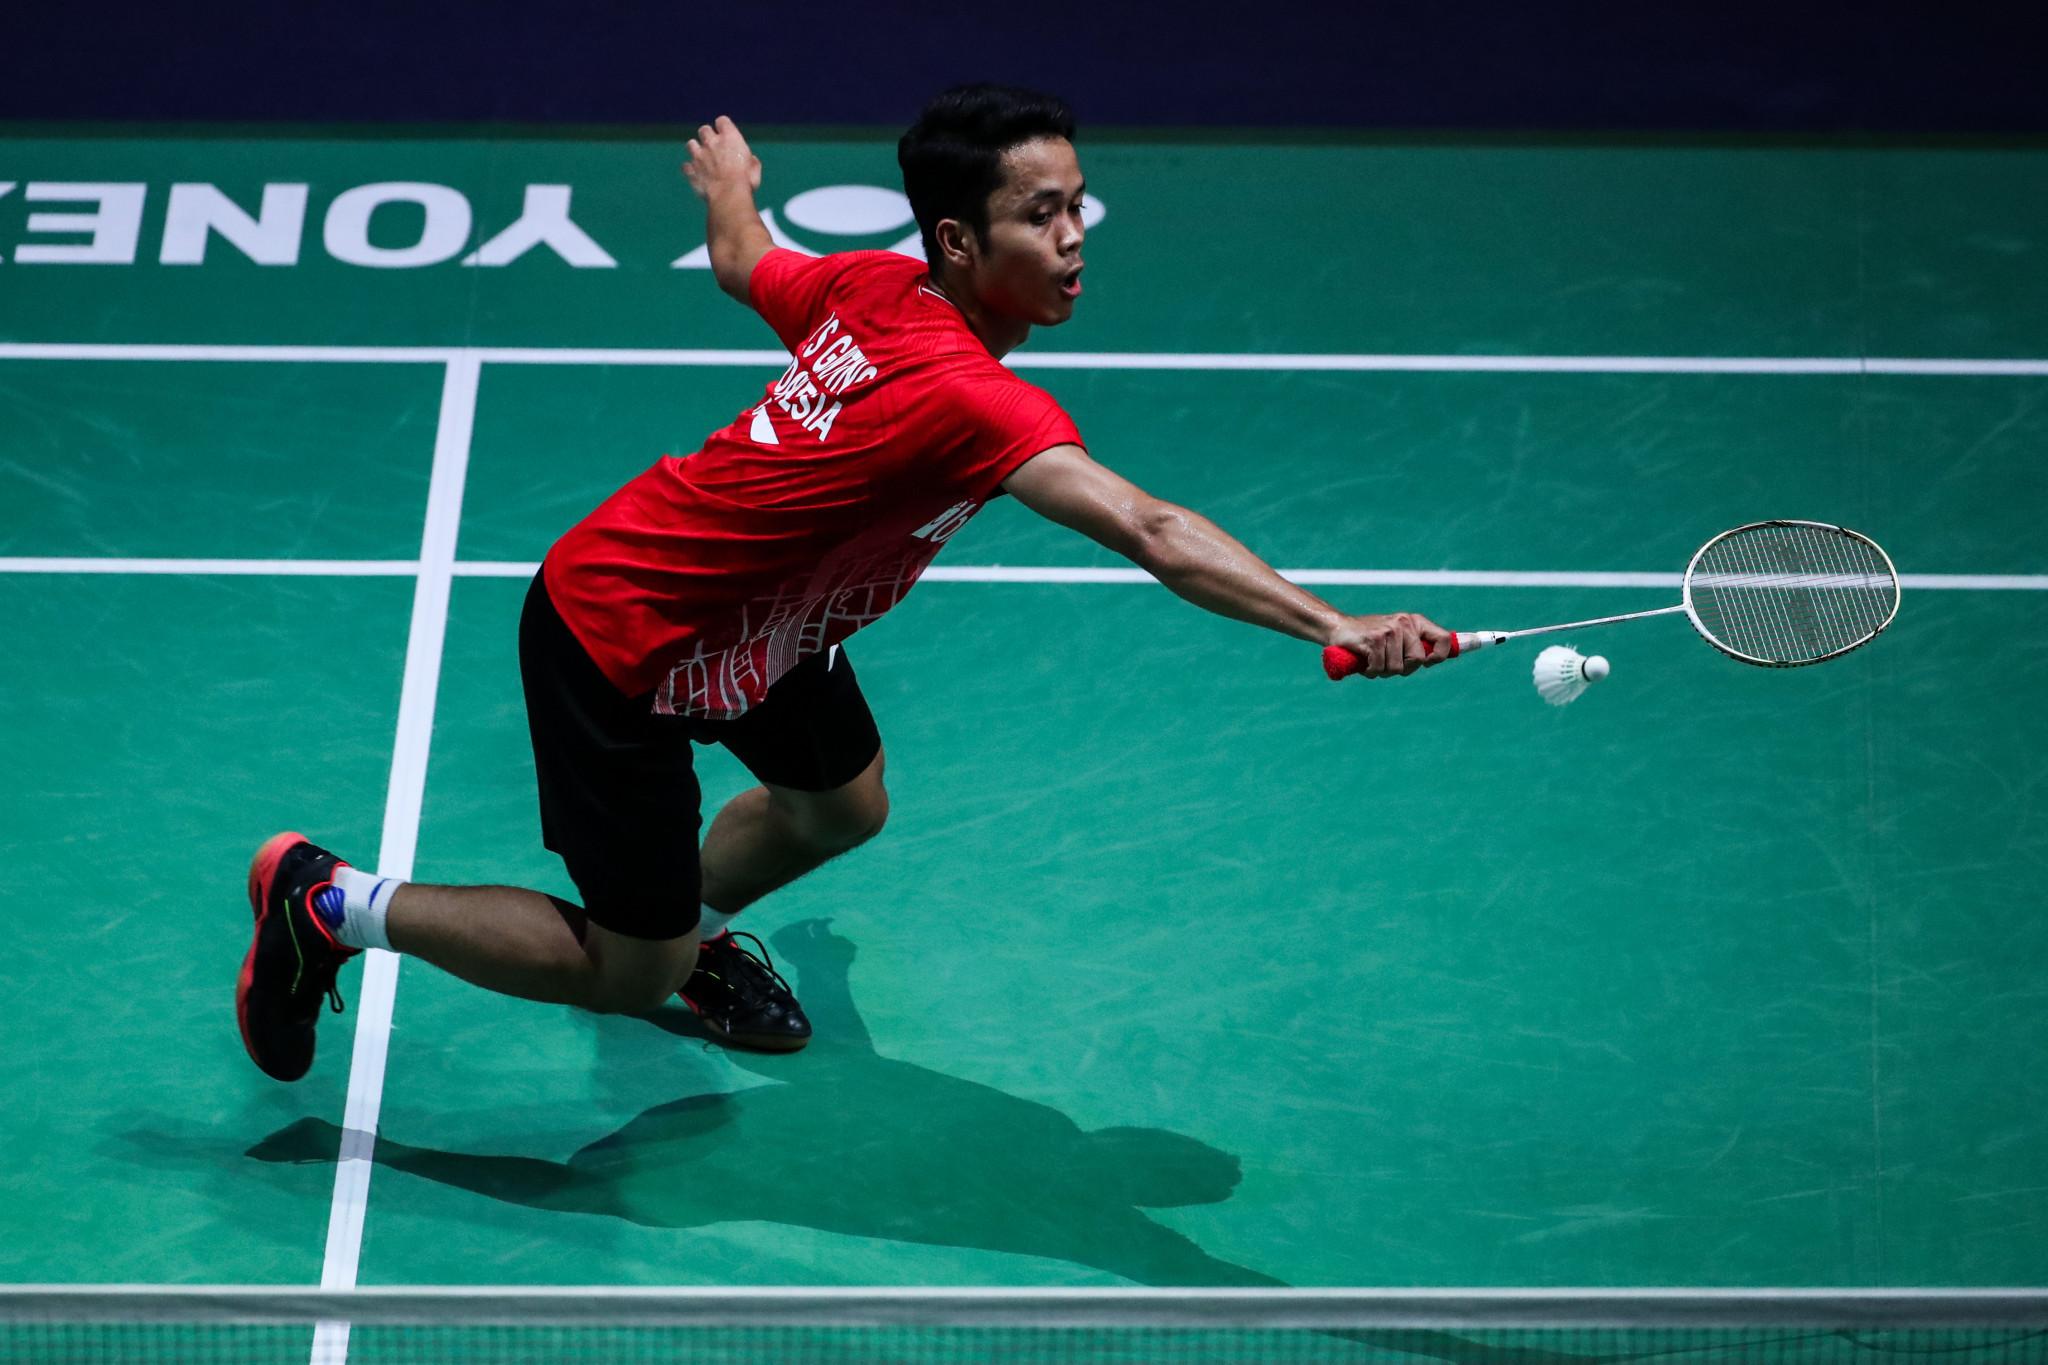 Ginting stuns Chou in BWF Hong Kong Open quarter-final